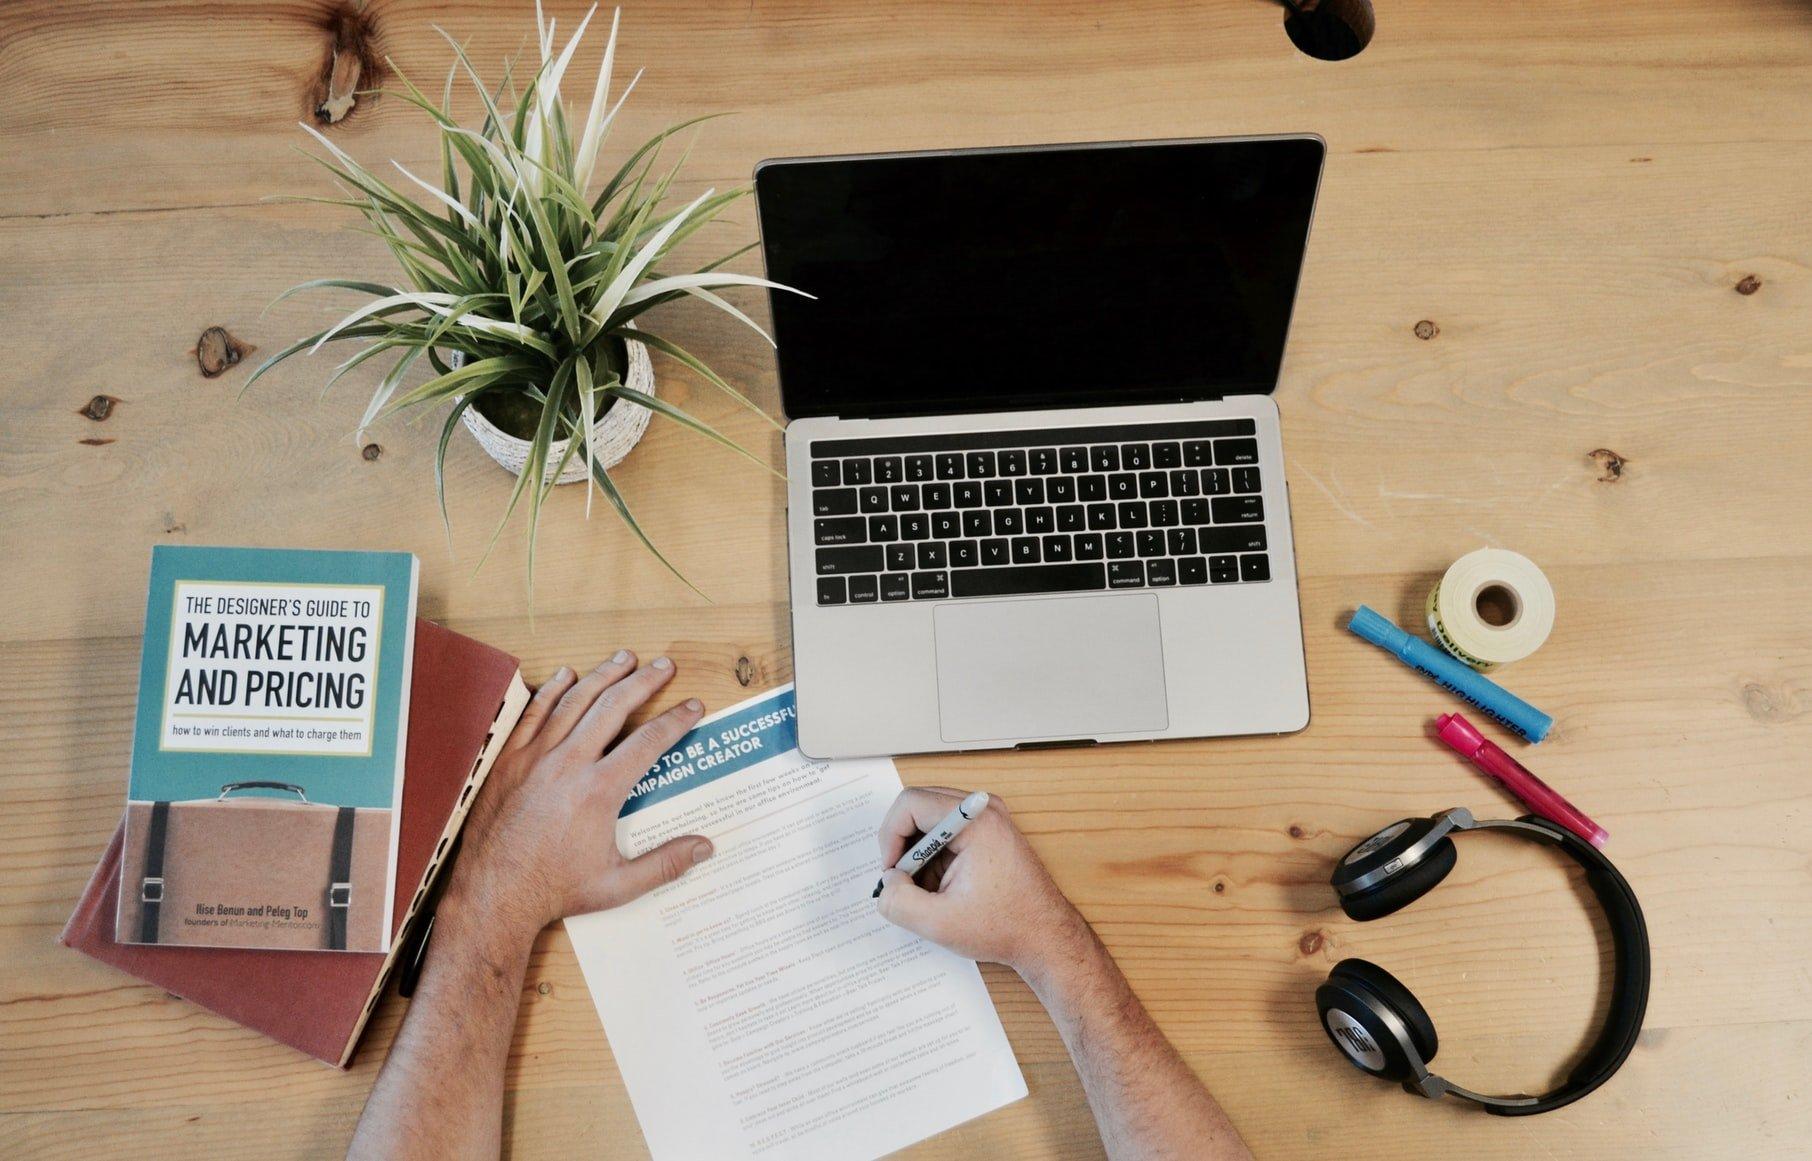 werken-marketing-laptop